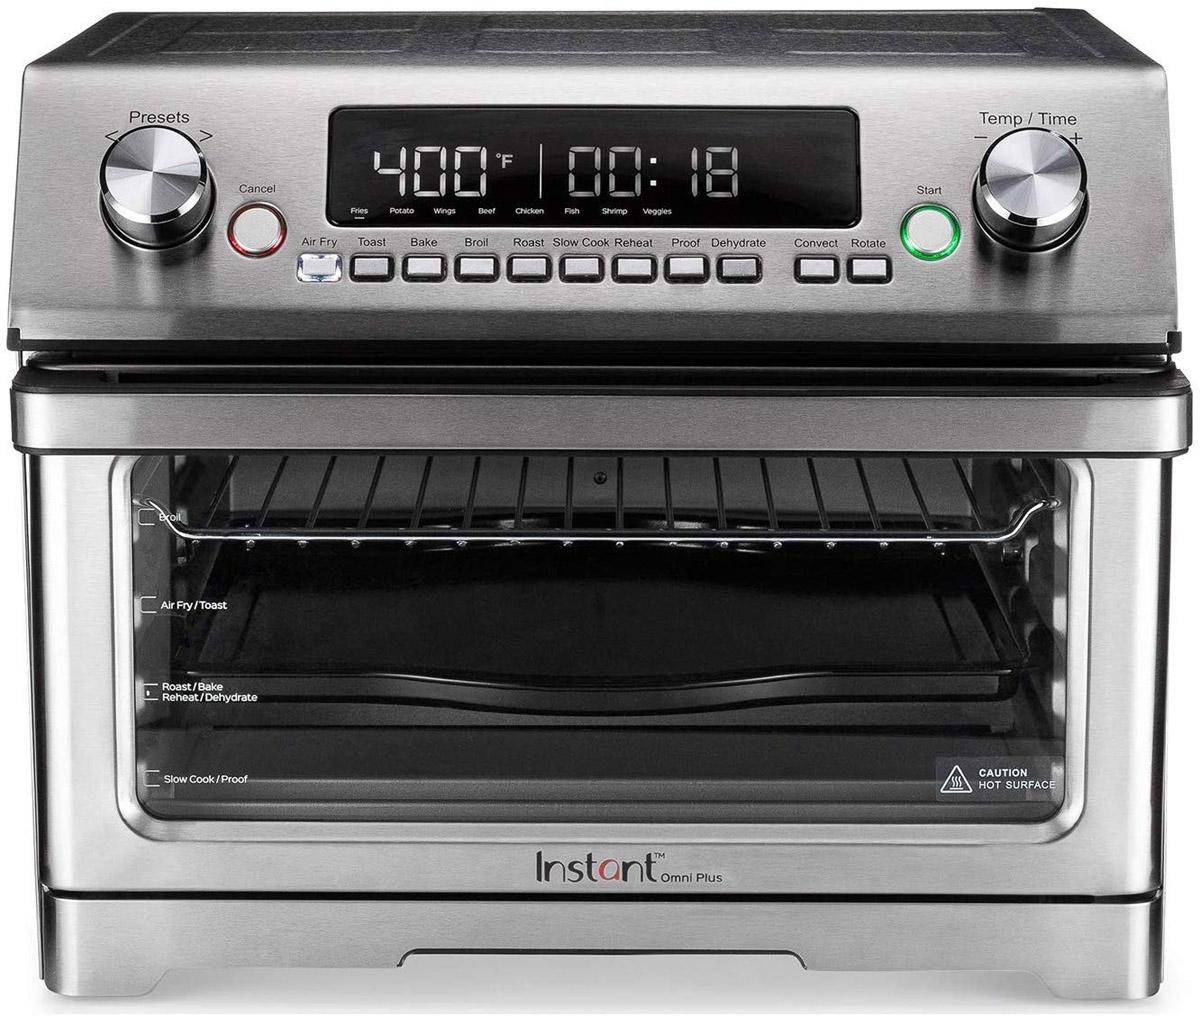 Instant Omni Plus Oven